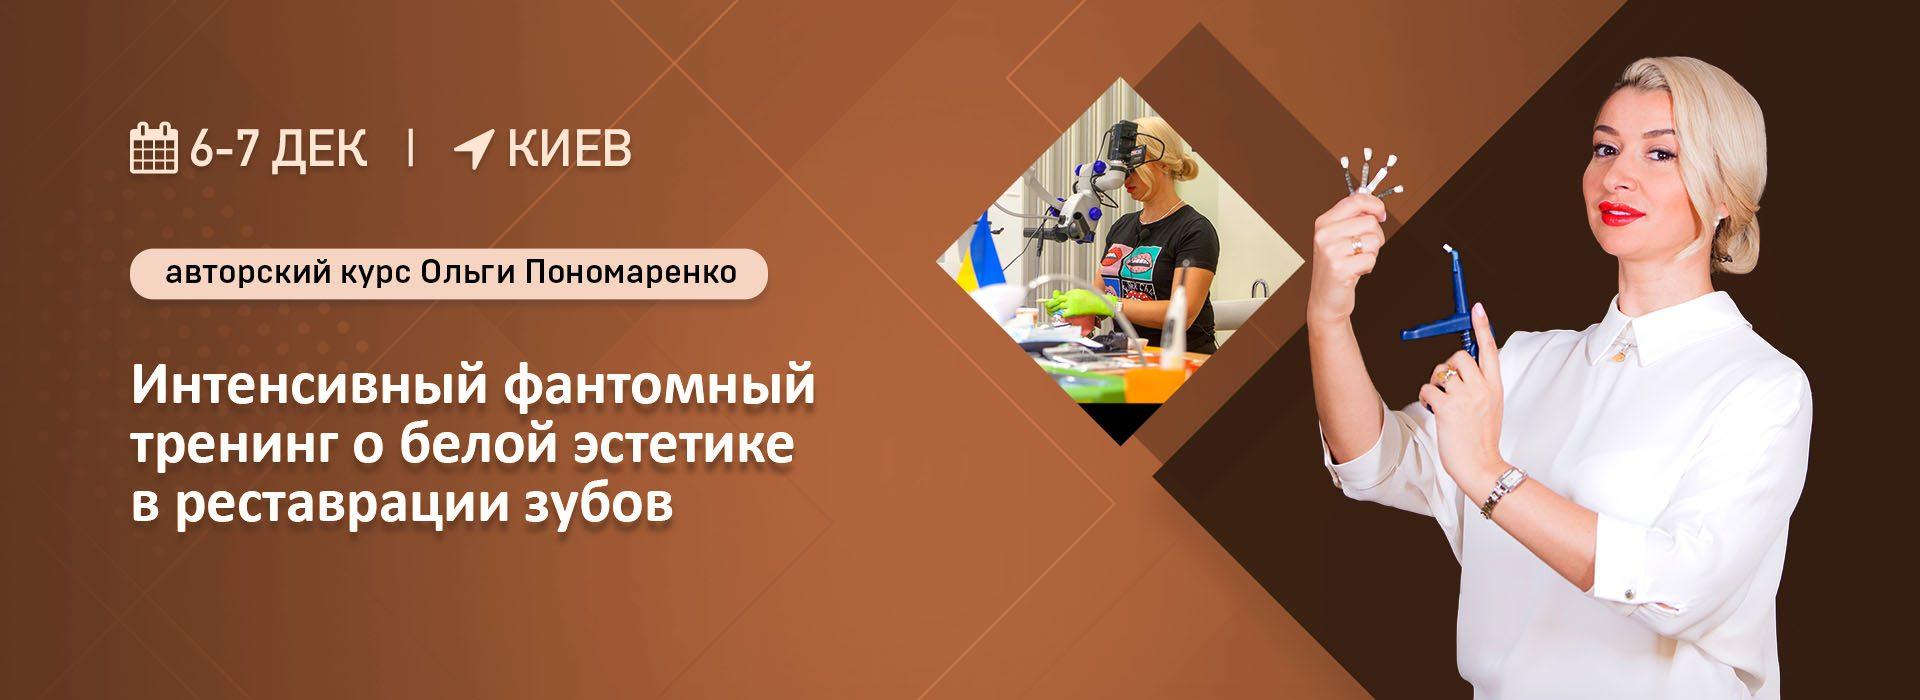 Фантомный курс Ольги Пономаренко в Киеве 6-7 декабря